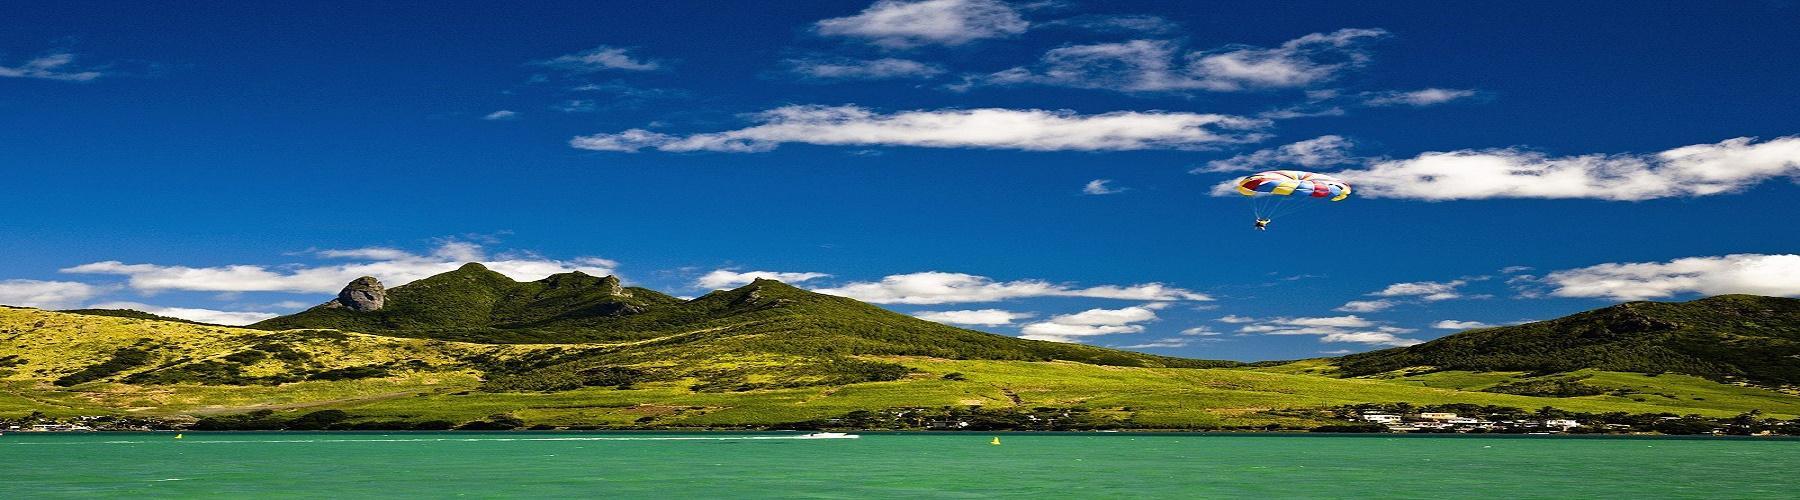 Путешествие на о.Маврикий